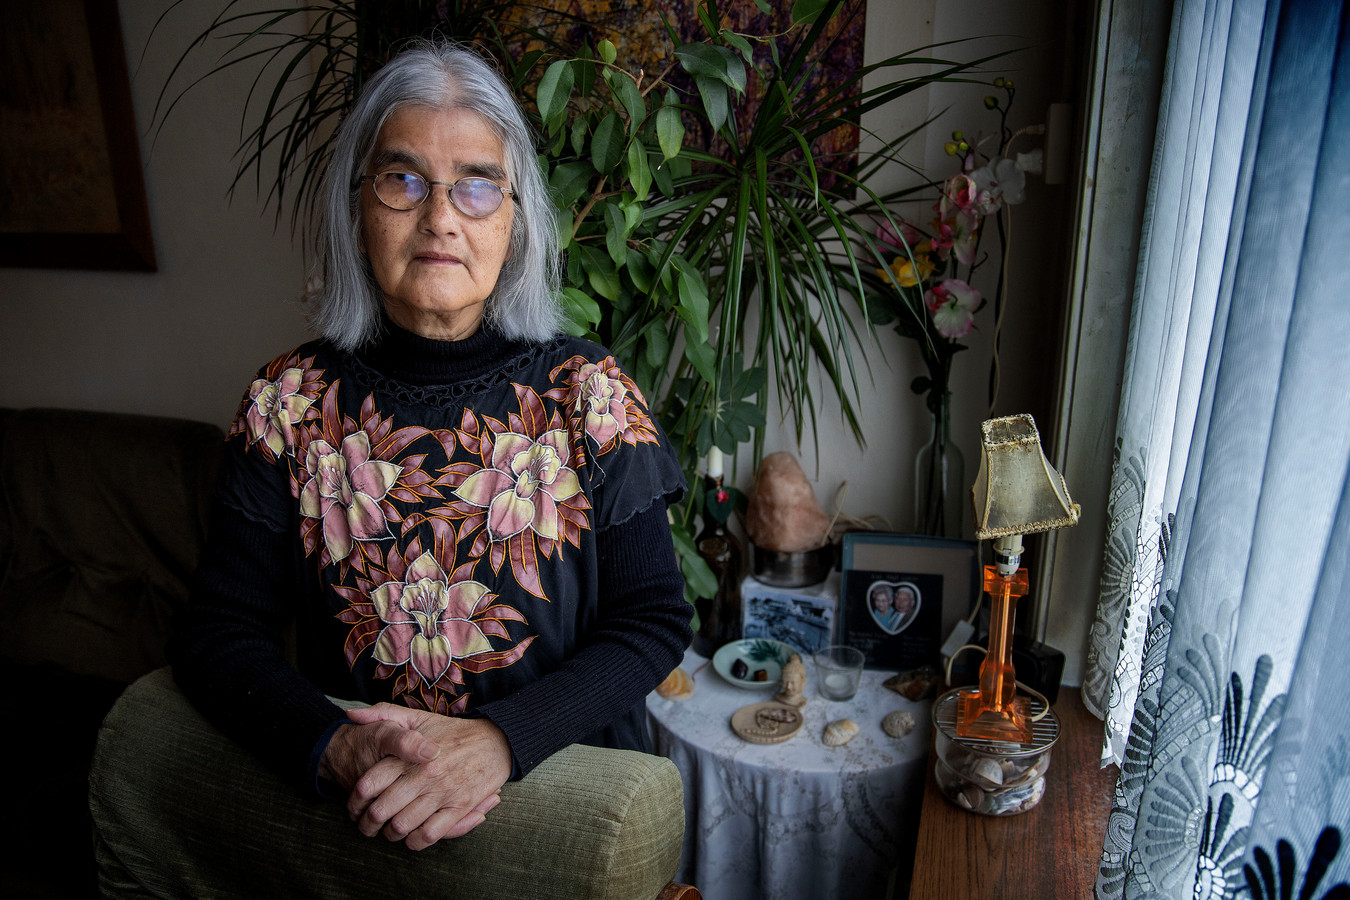 Charlotte Johann, die in 1952 als 6-jarige en slechtziend in haar eentje met de boot naar Nederland kwam vanuit Surabaya om geopereerd te worden aan haar aangeboren staar. Het gezin kwam pas later na; ze waren hun leven niet meer zeker na de Indonesische onafhankelijkheidsoorlog. Later ging het gezin naar woonoord Limburglaan in Eindhoven.